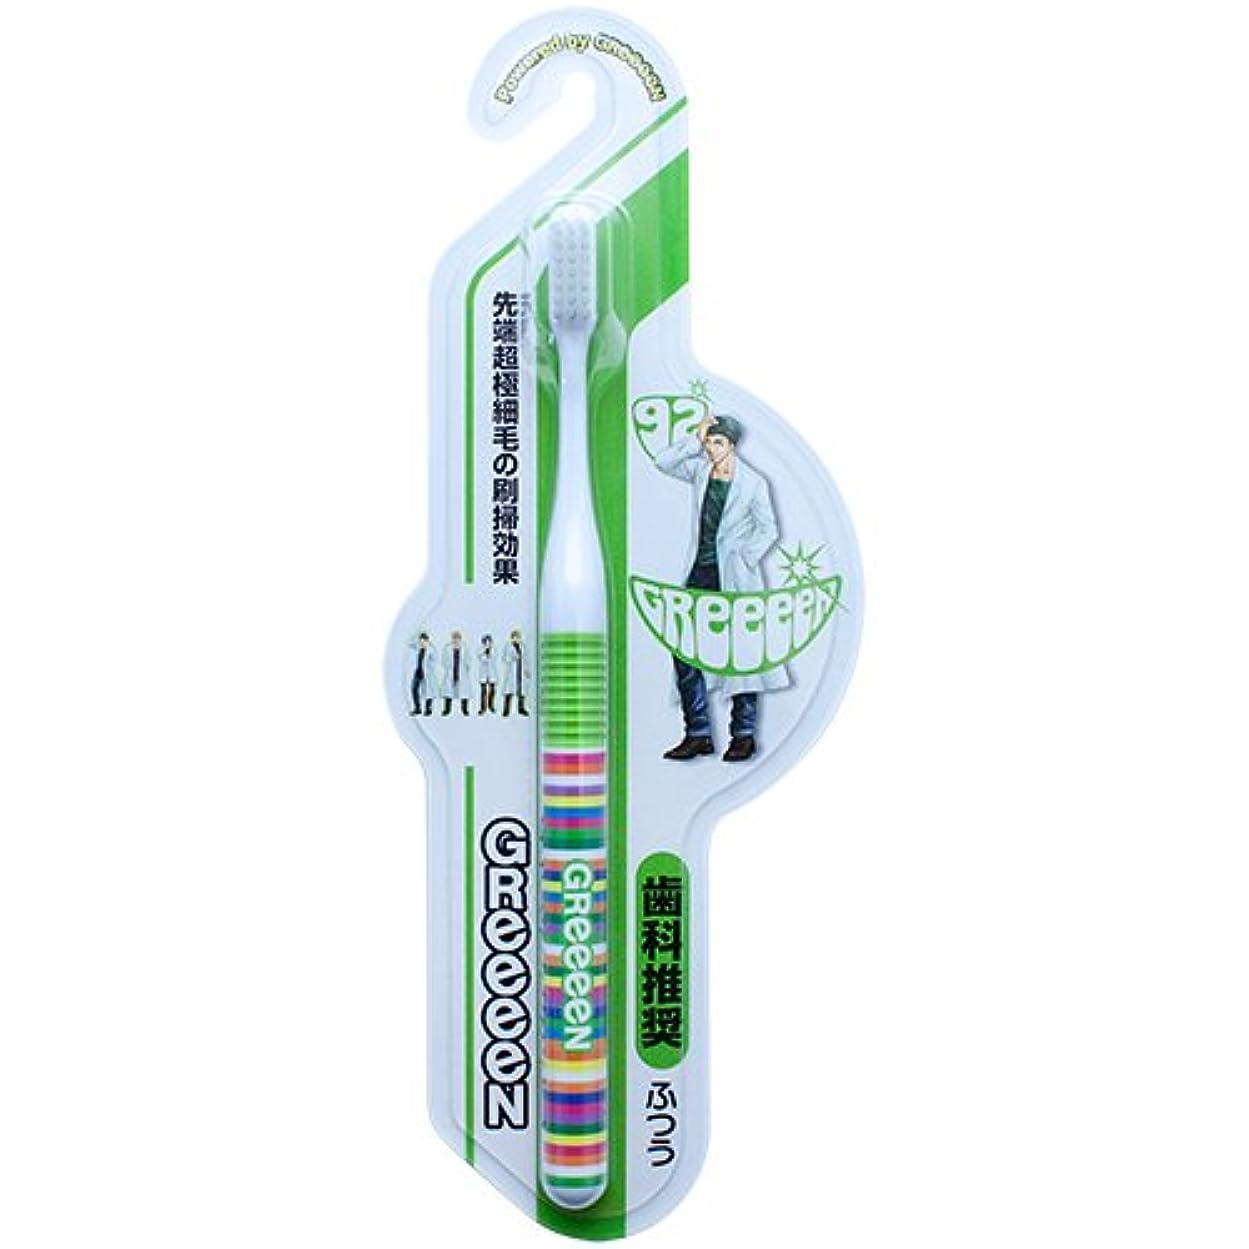 タンパク質取り消す差別化するGReeeeN 3列ヘッドラバーグリップ超極細毛歯ブラシ SIRO 92 1本